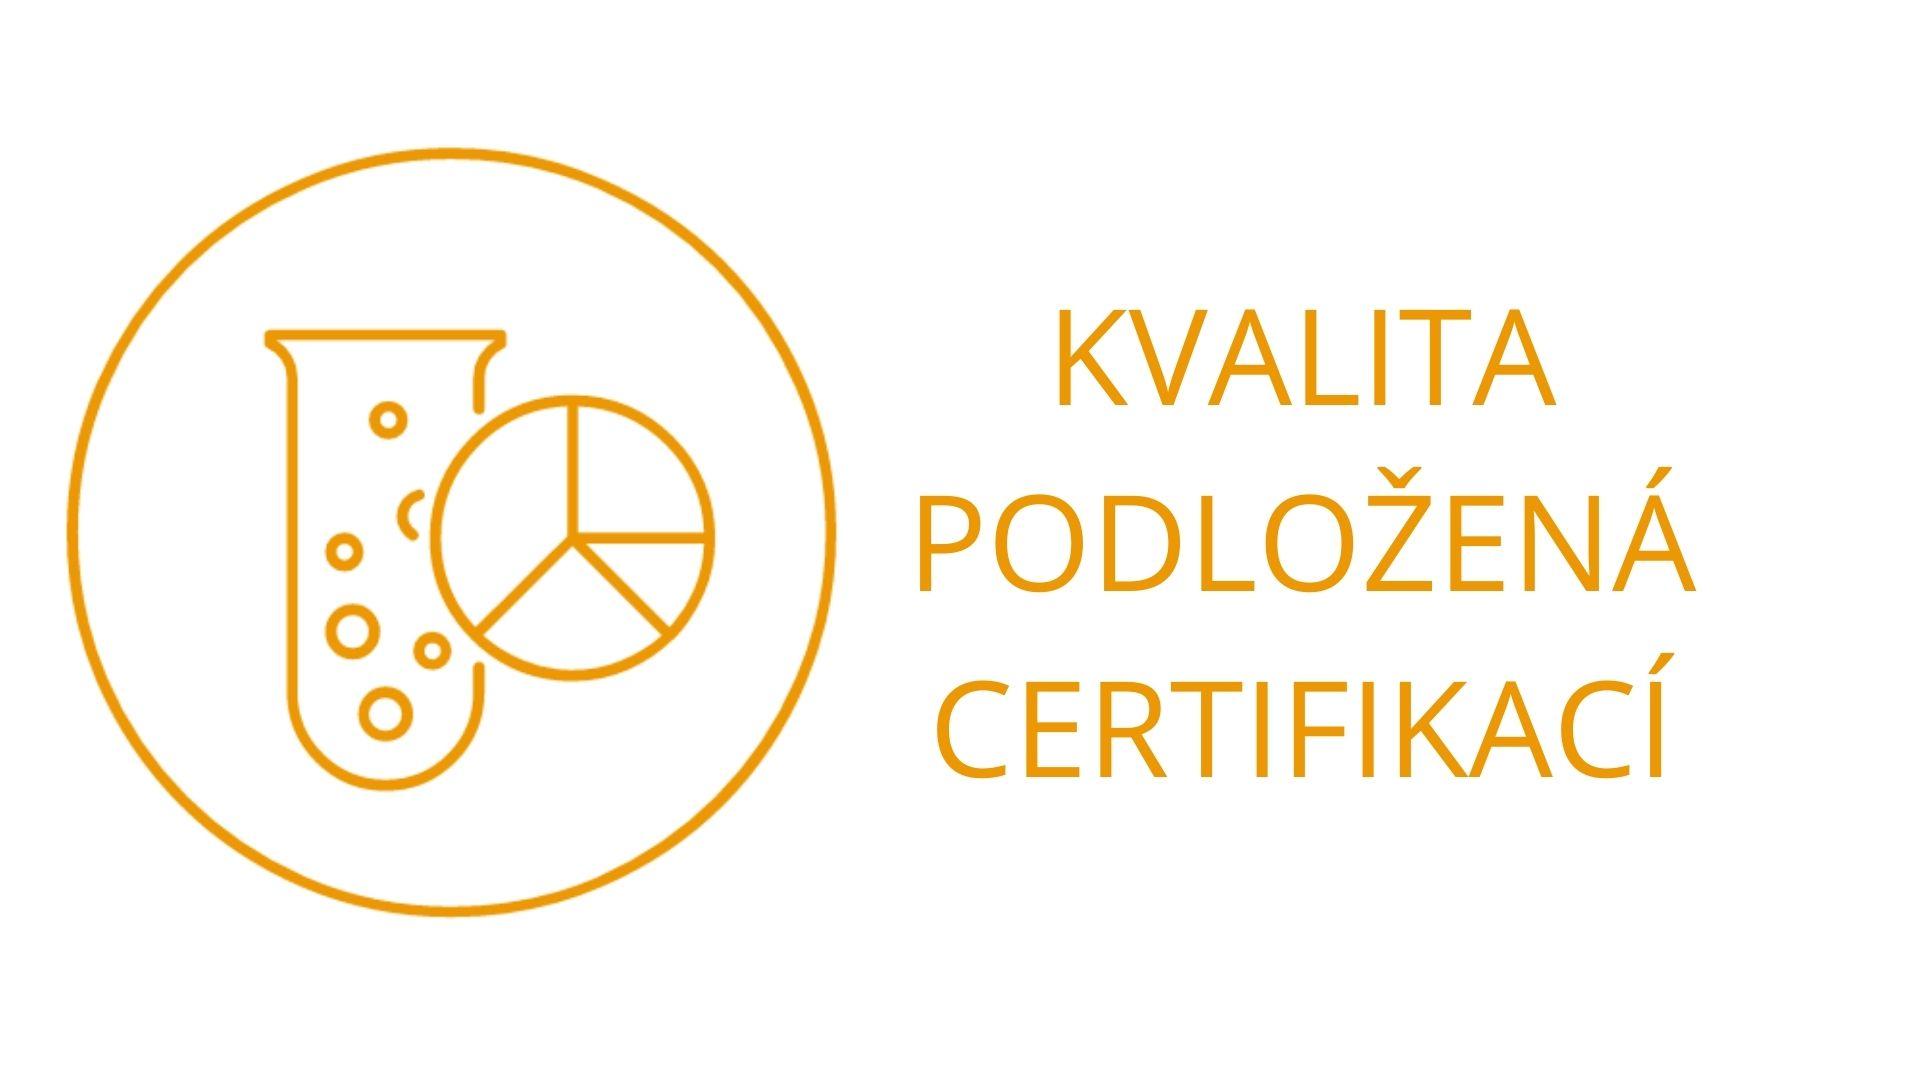 Kvalita podložená certifikací